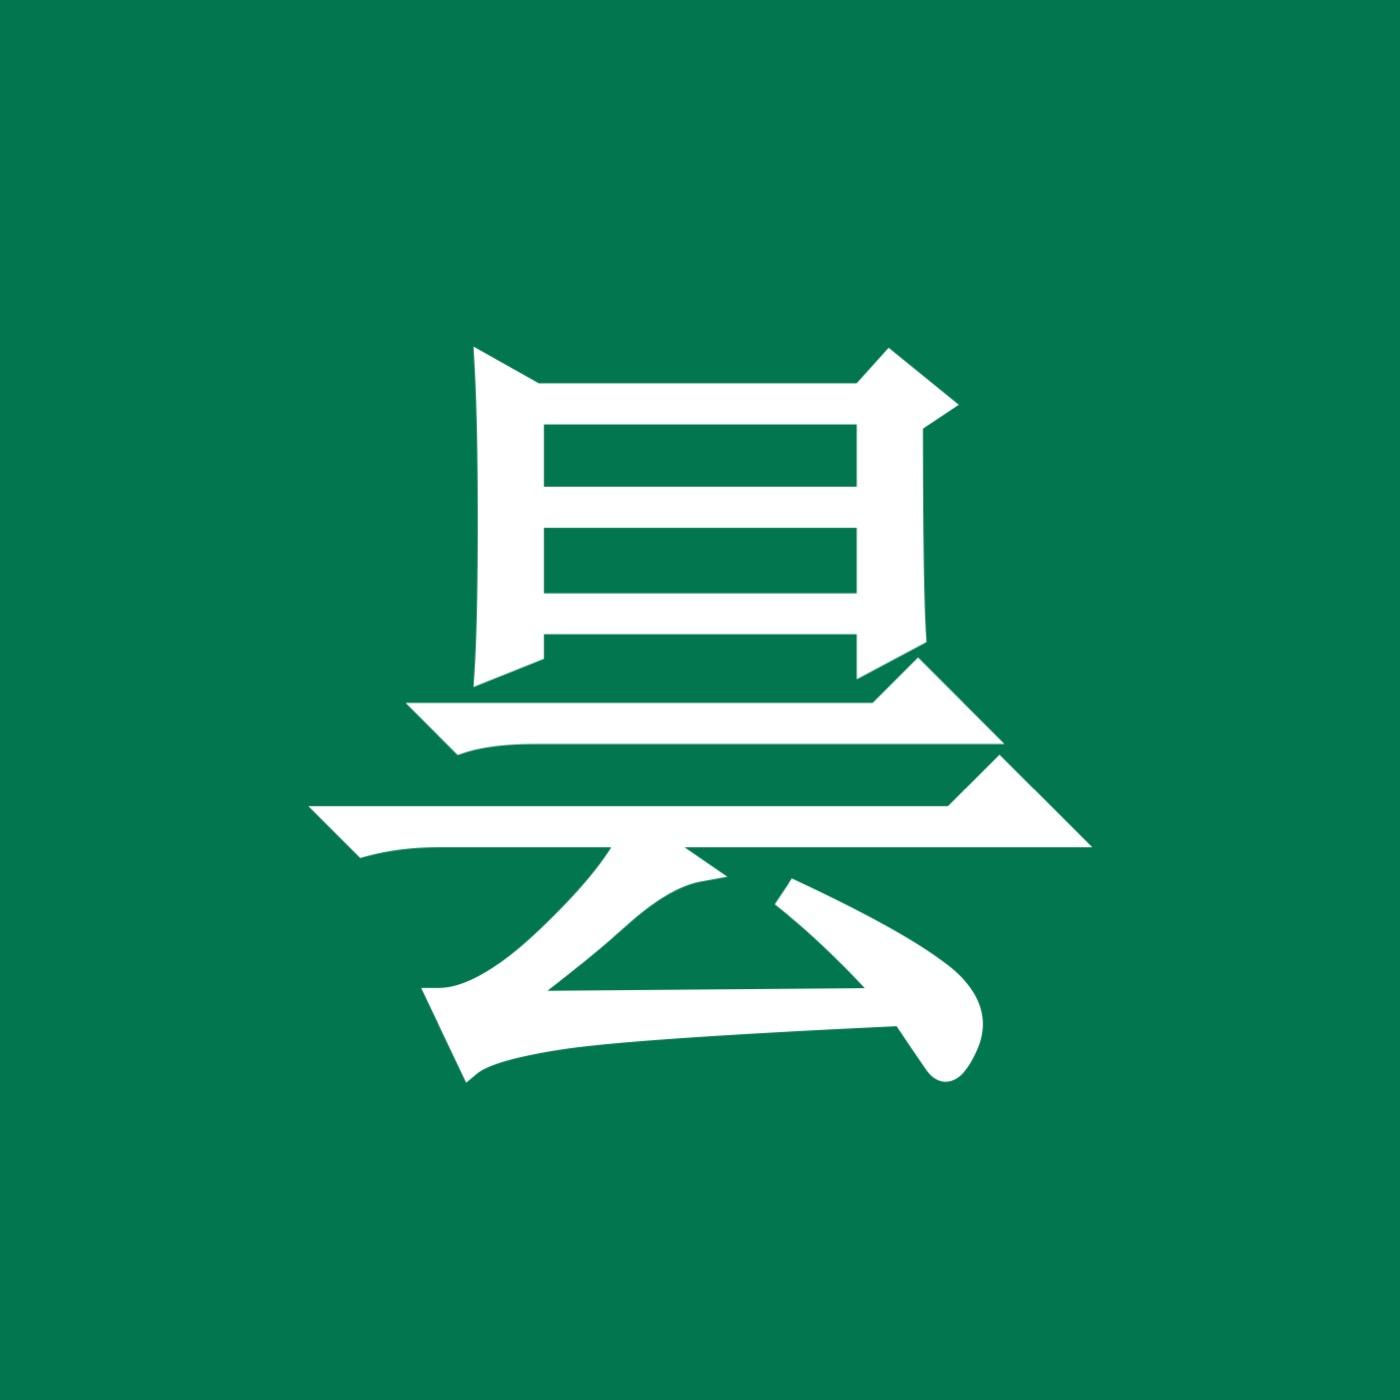 日语日语 Logo